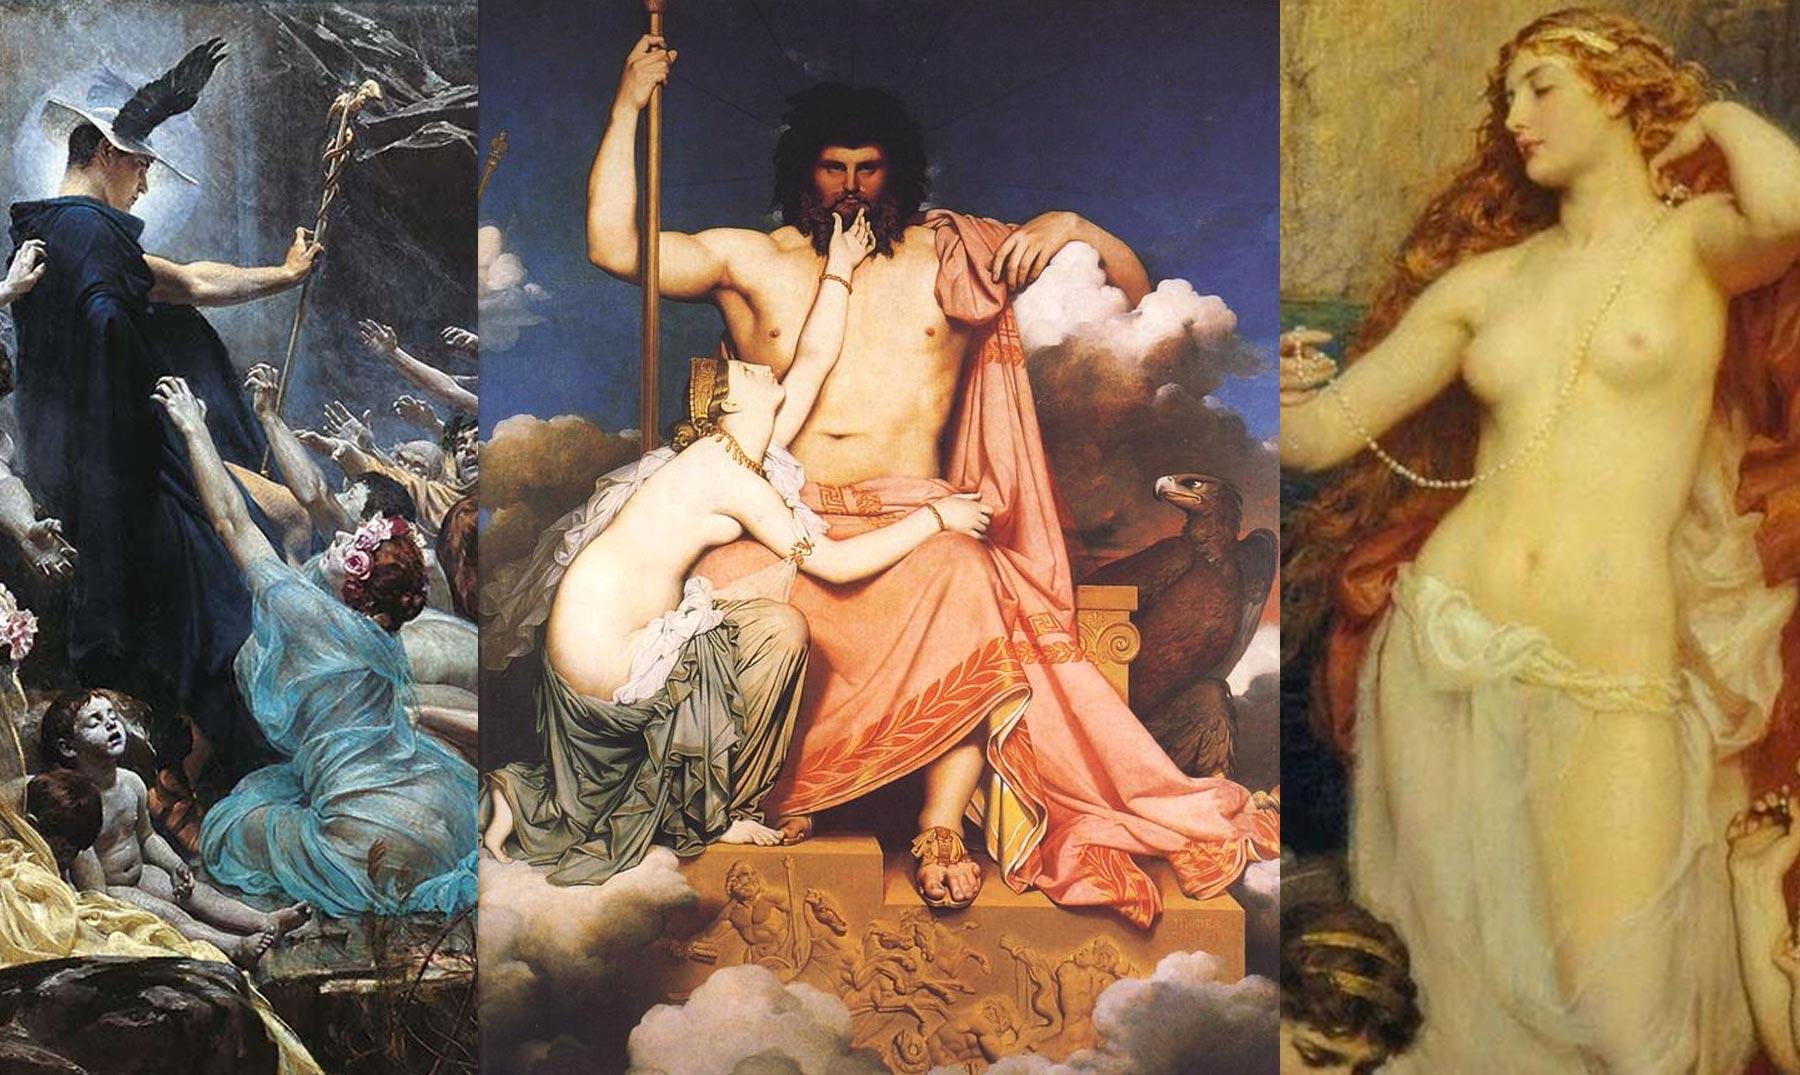 Alegoría Figura Nike Victoria Diosa Griega Diosa Antiguo Mitología